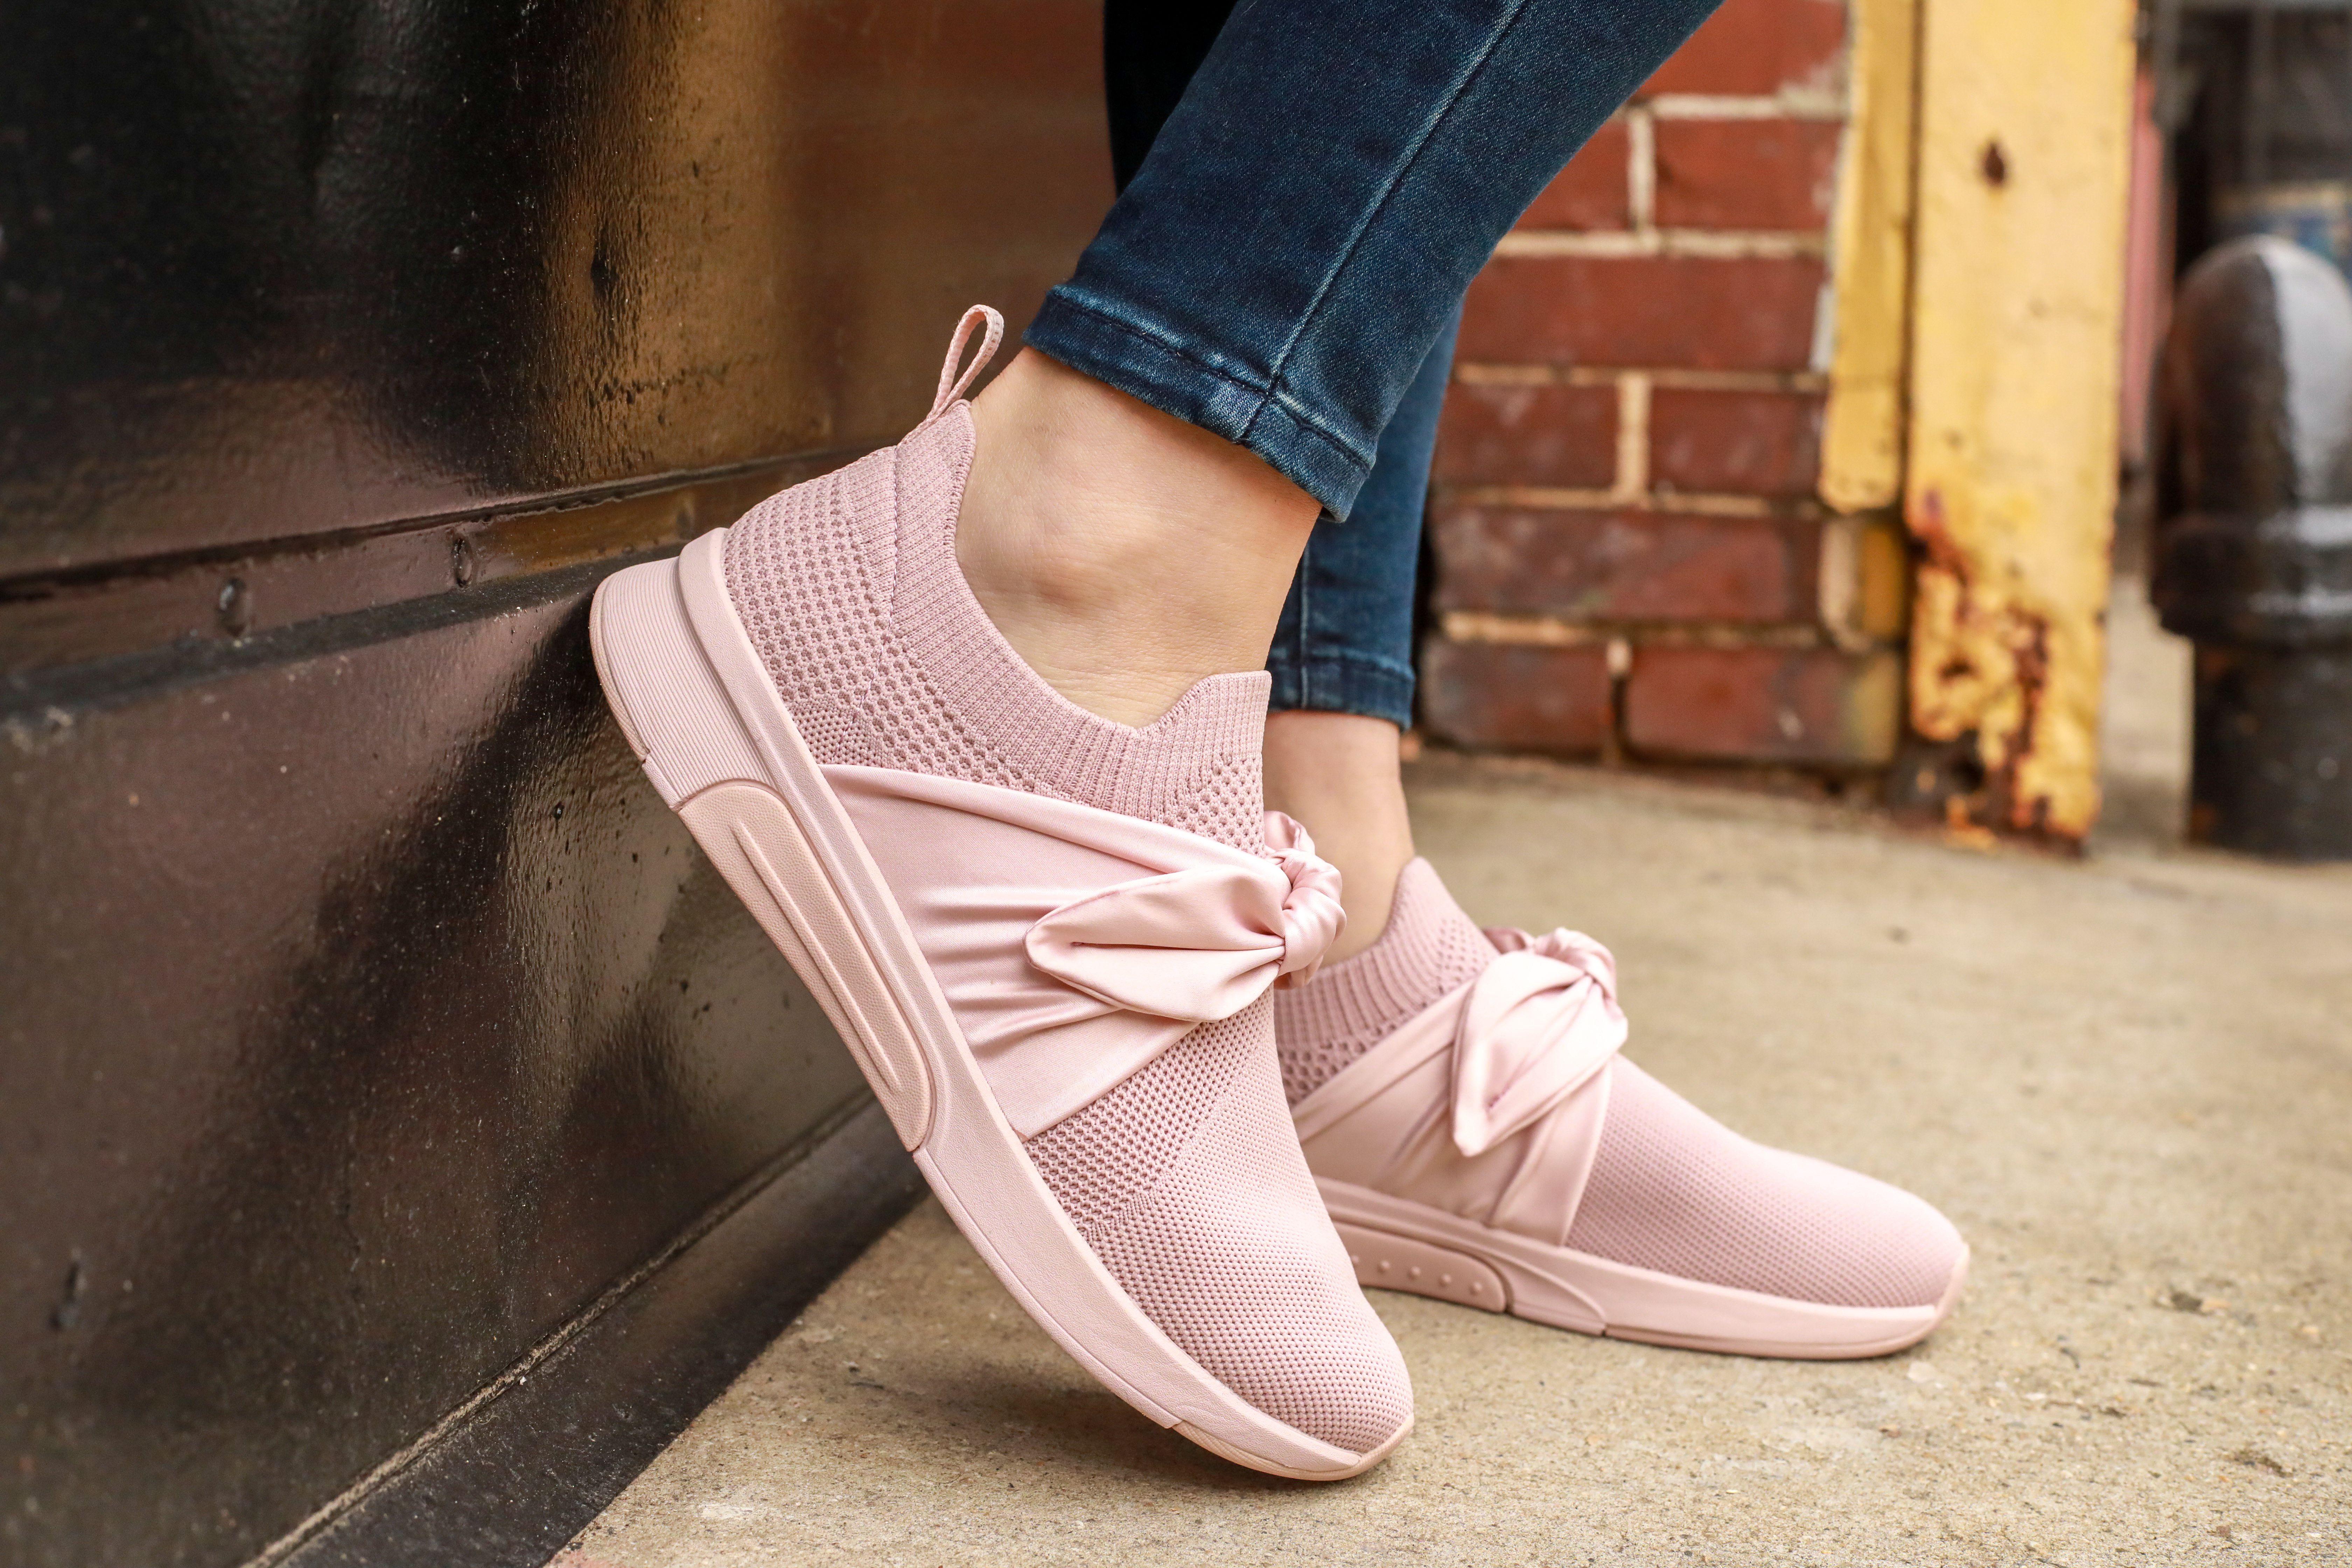 Modern Jogger Debbie | Sneakers, Adidas sneakers, Skechers